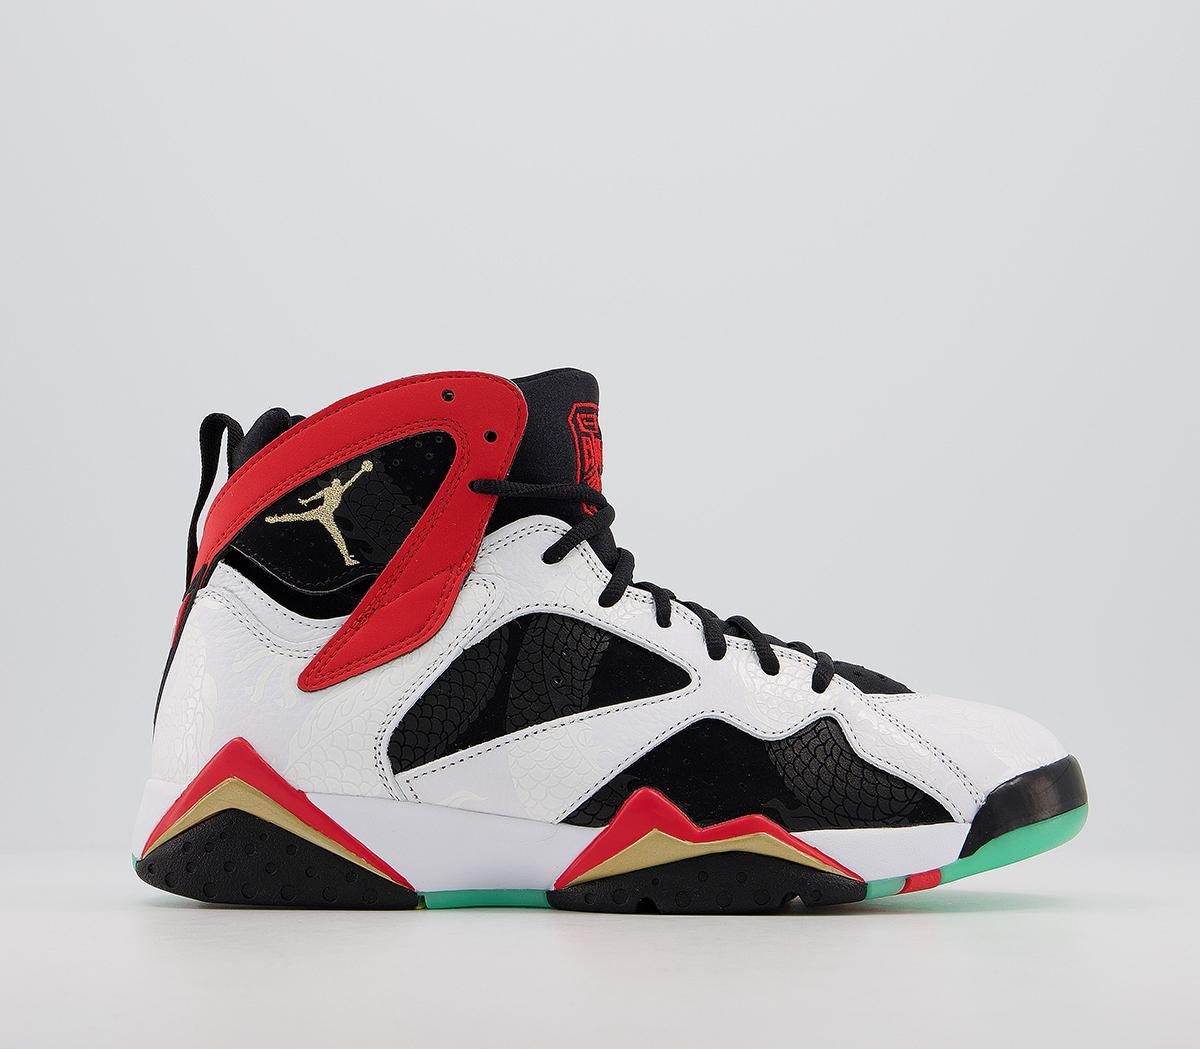 Jordan Jordan 7 Trainers China White